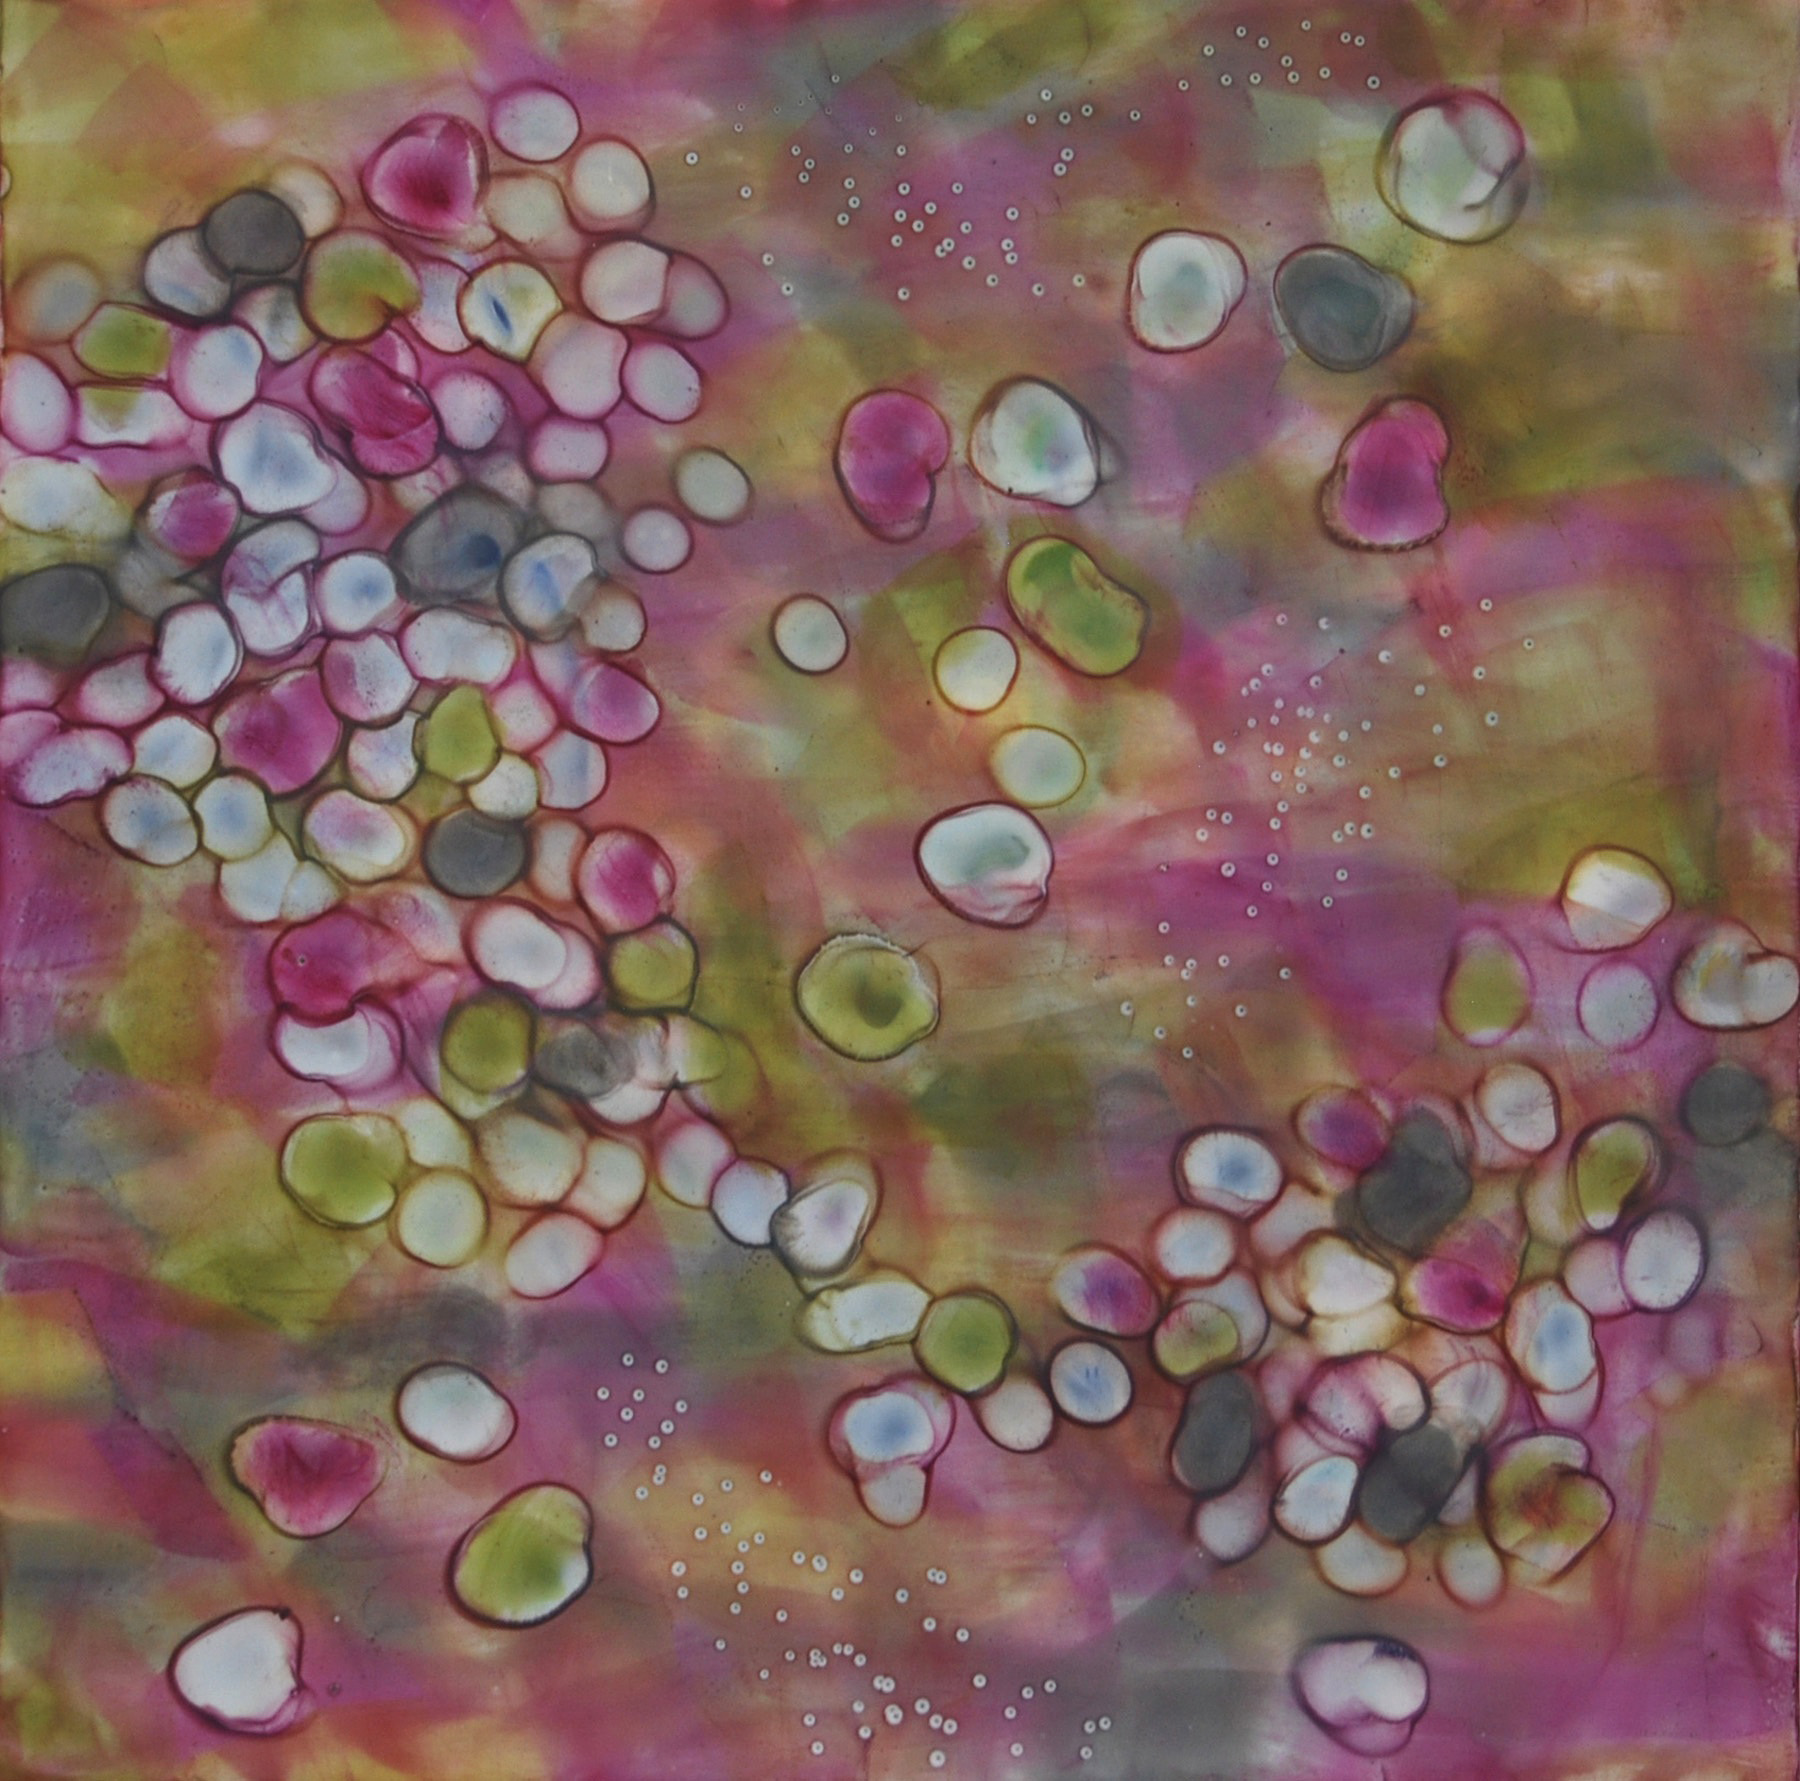 Kay Hartung , Bio Flow 4, encaustic, pastel on panel, 16x16